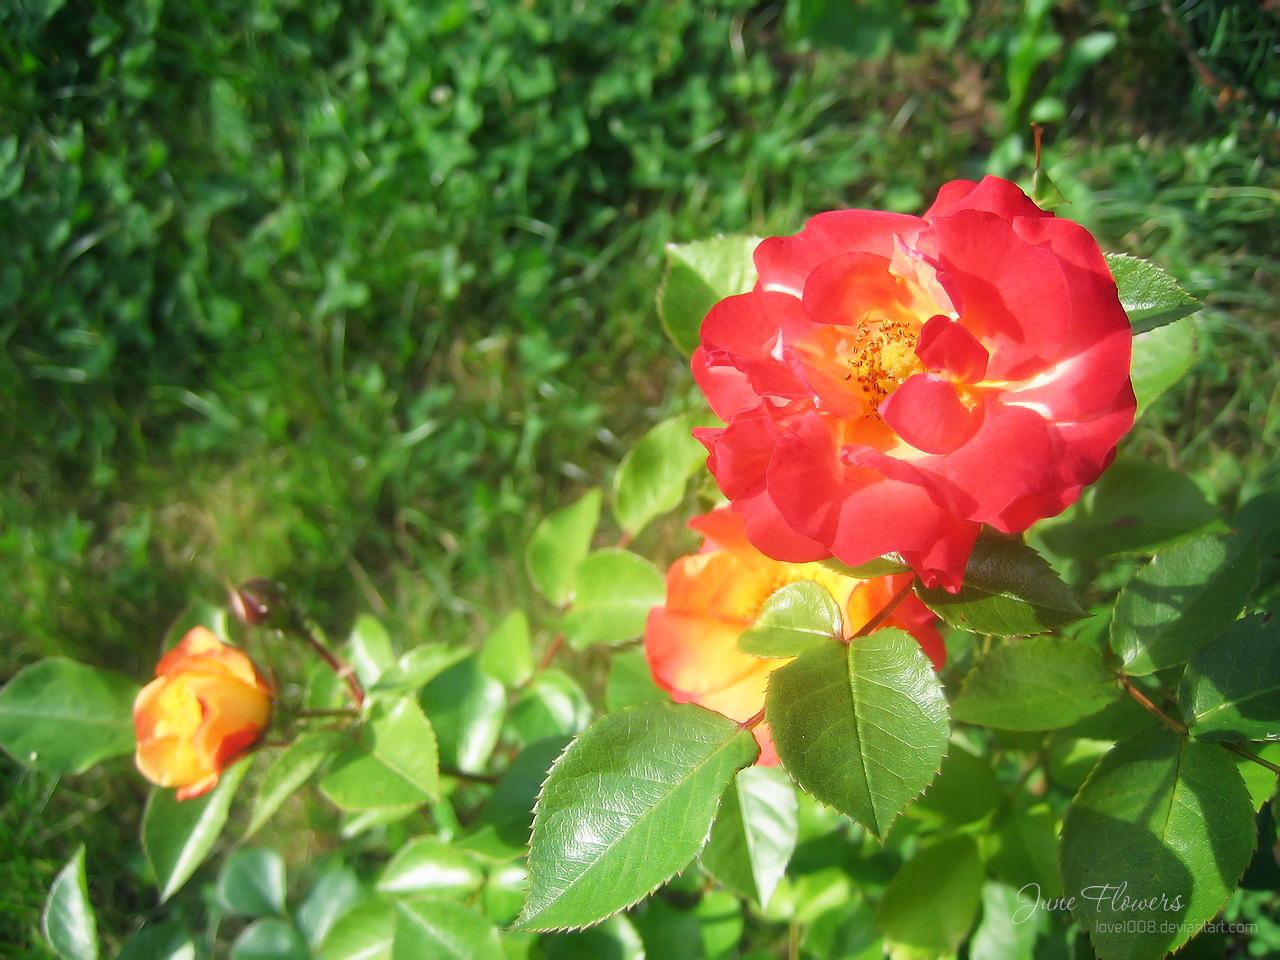 June Flowers 1 by love1008 on deviantART